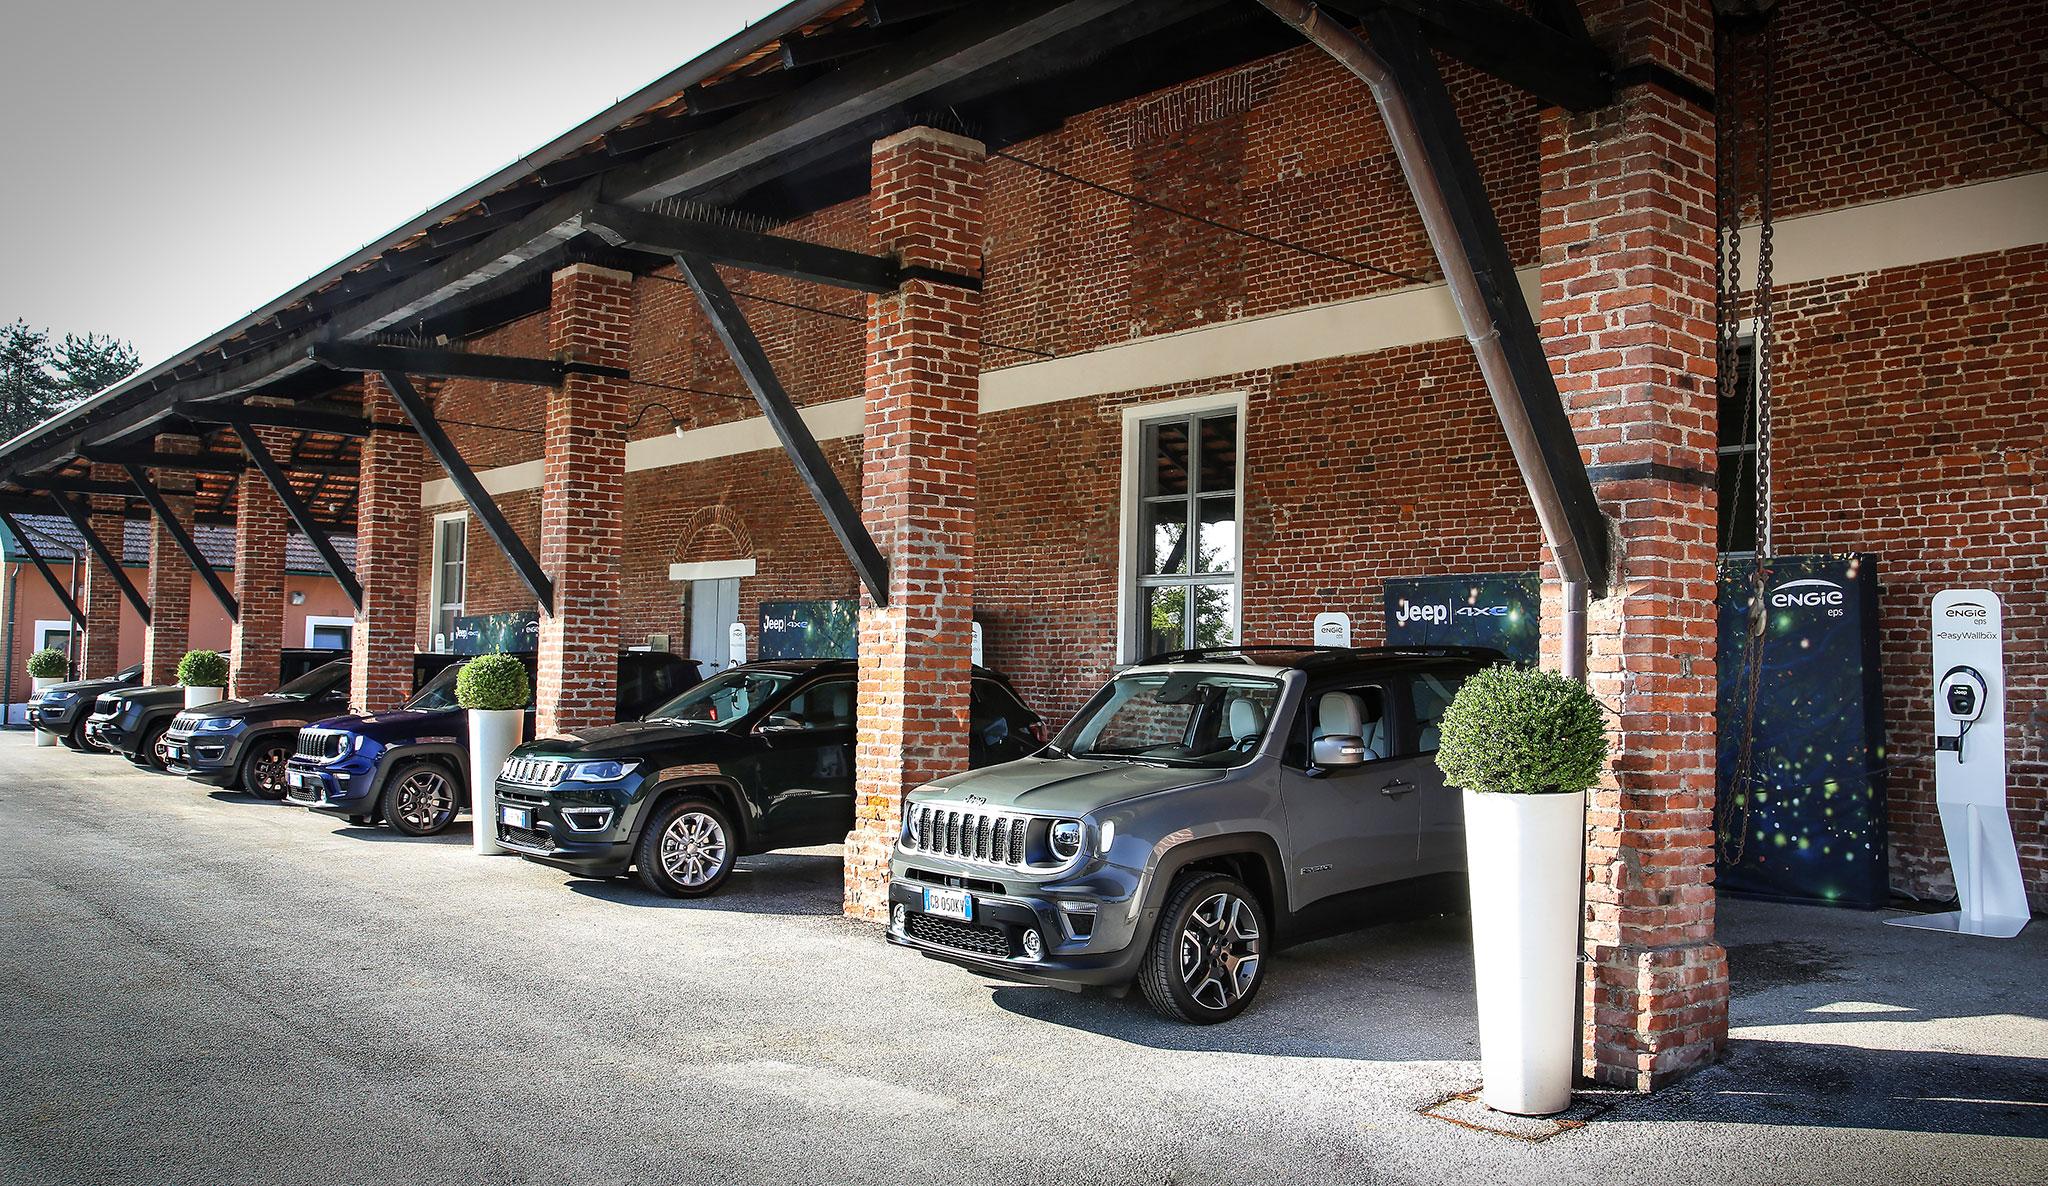 Jeep 4xe le centre d'essai de Balocco possède ses propres stations de recharge